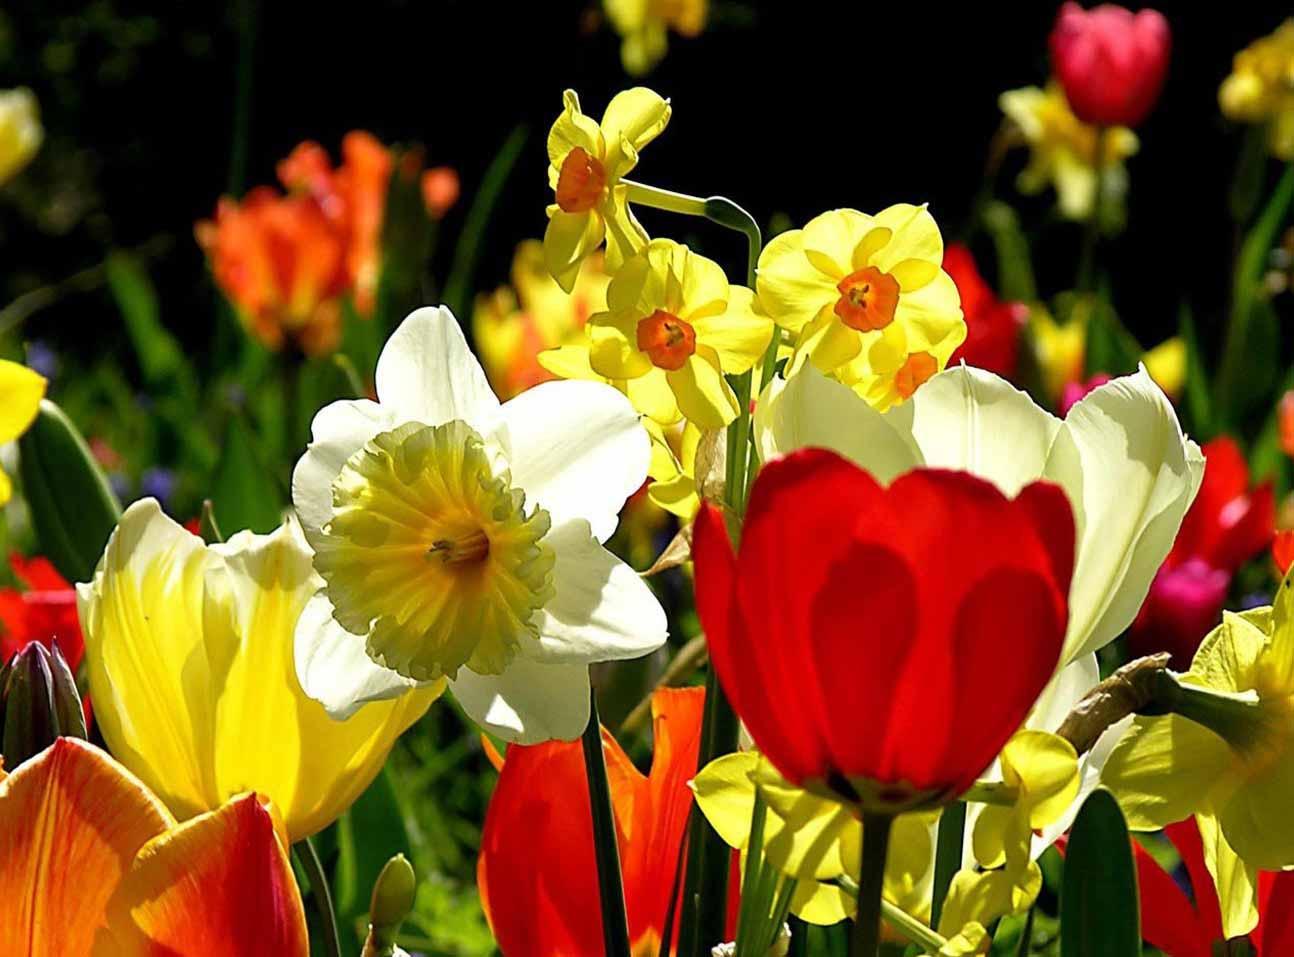 Нарциссы — это цветы, которые прекрасно смотрятся в комбинации с другими растениями